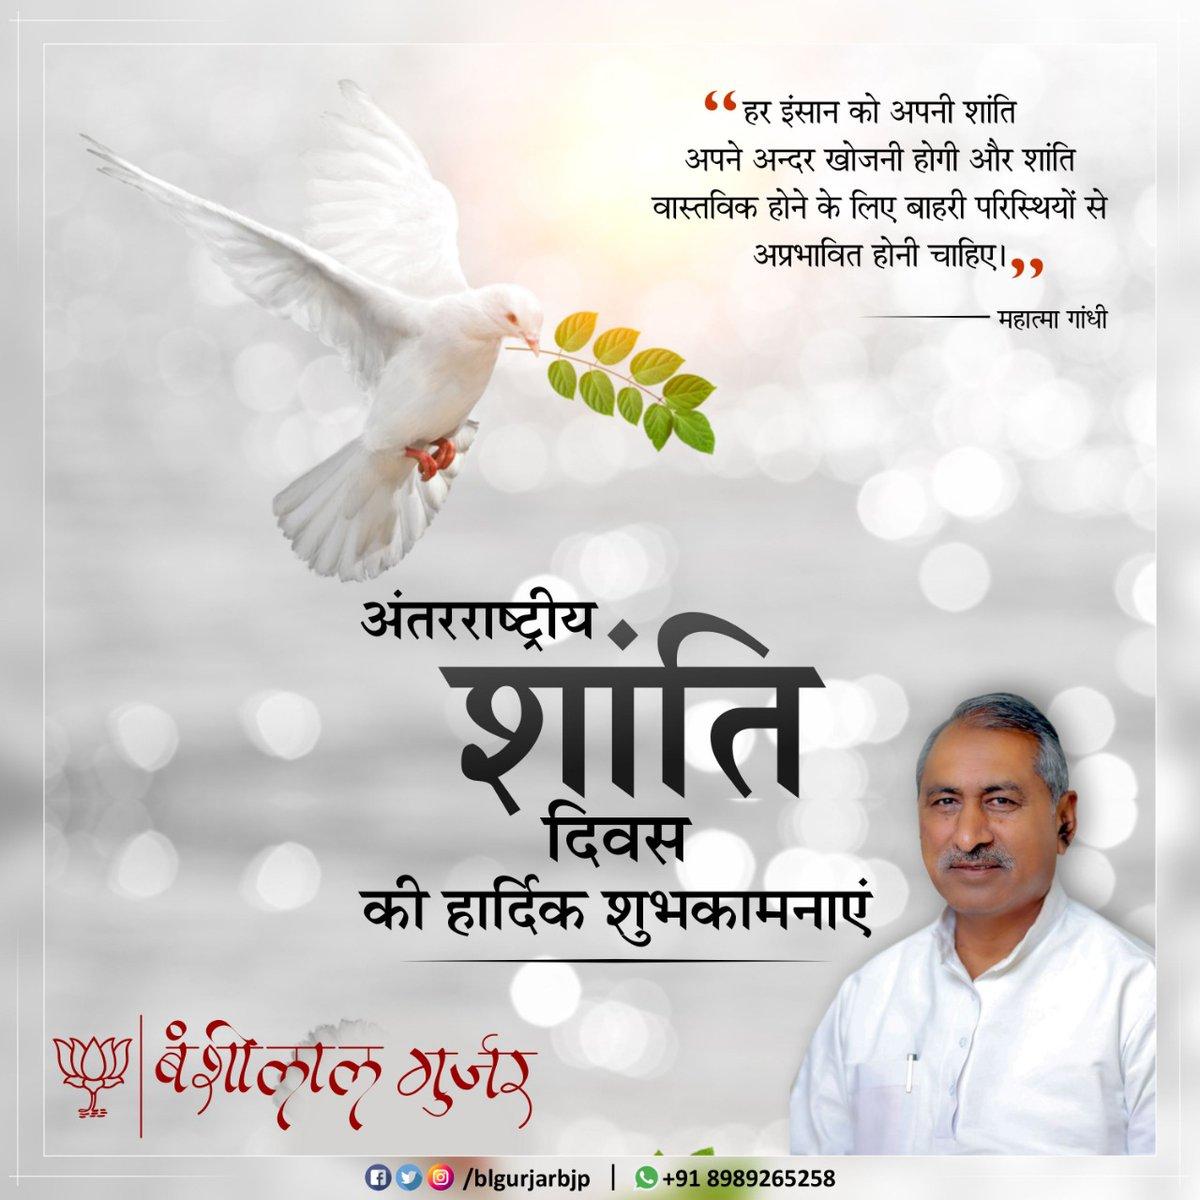 अंतरराष्ट्रीय शांति दिवस की हार्दिक शुभकामनाएं https://t.co/EzRh8qyCie